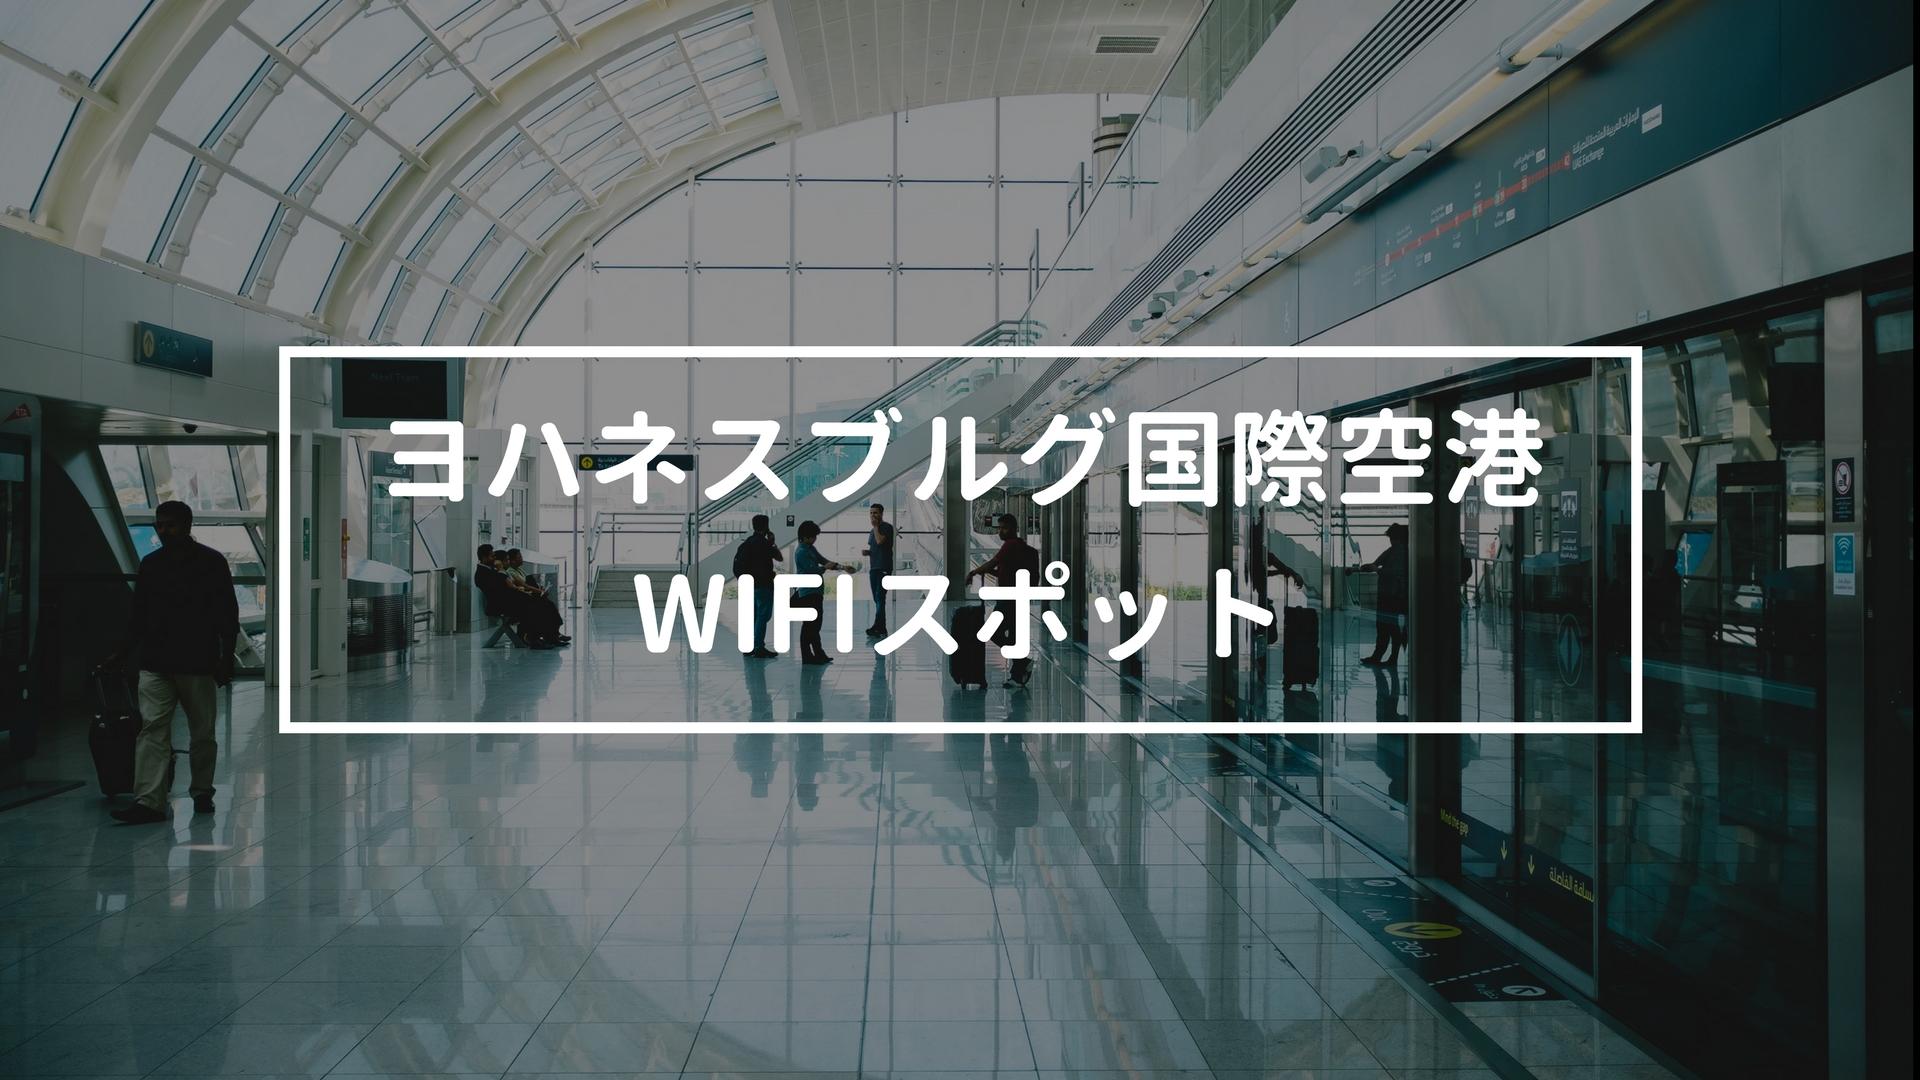 ヨハネスブルグ国際空港WIFIスポット